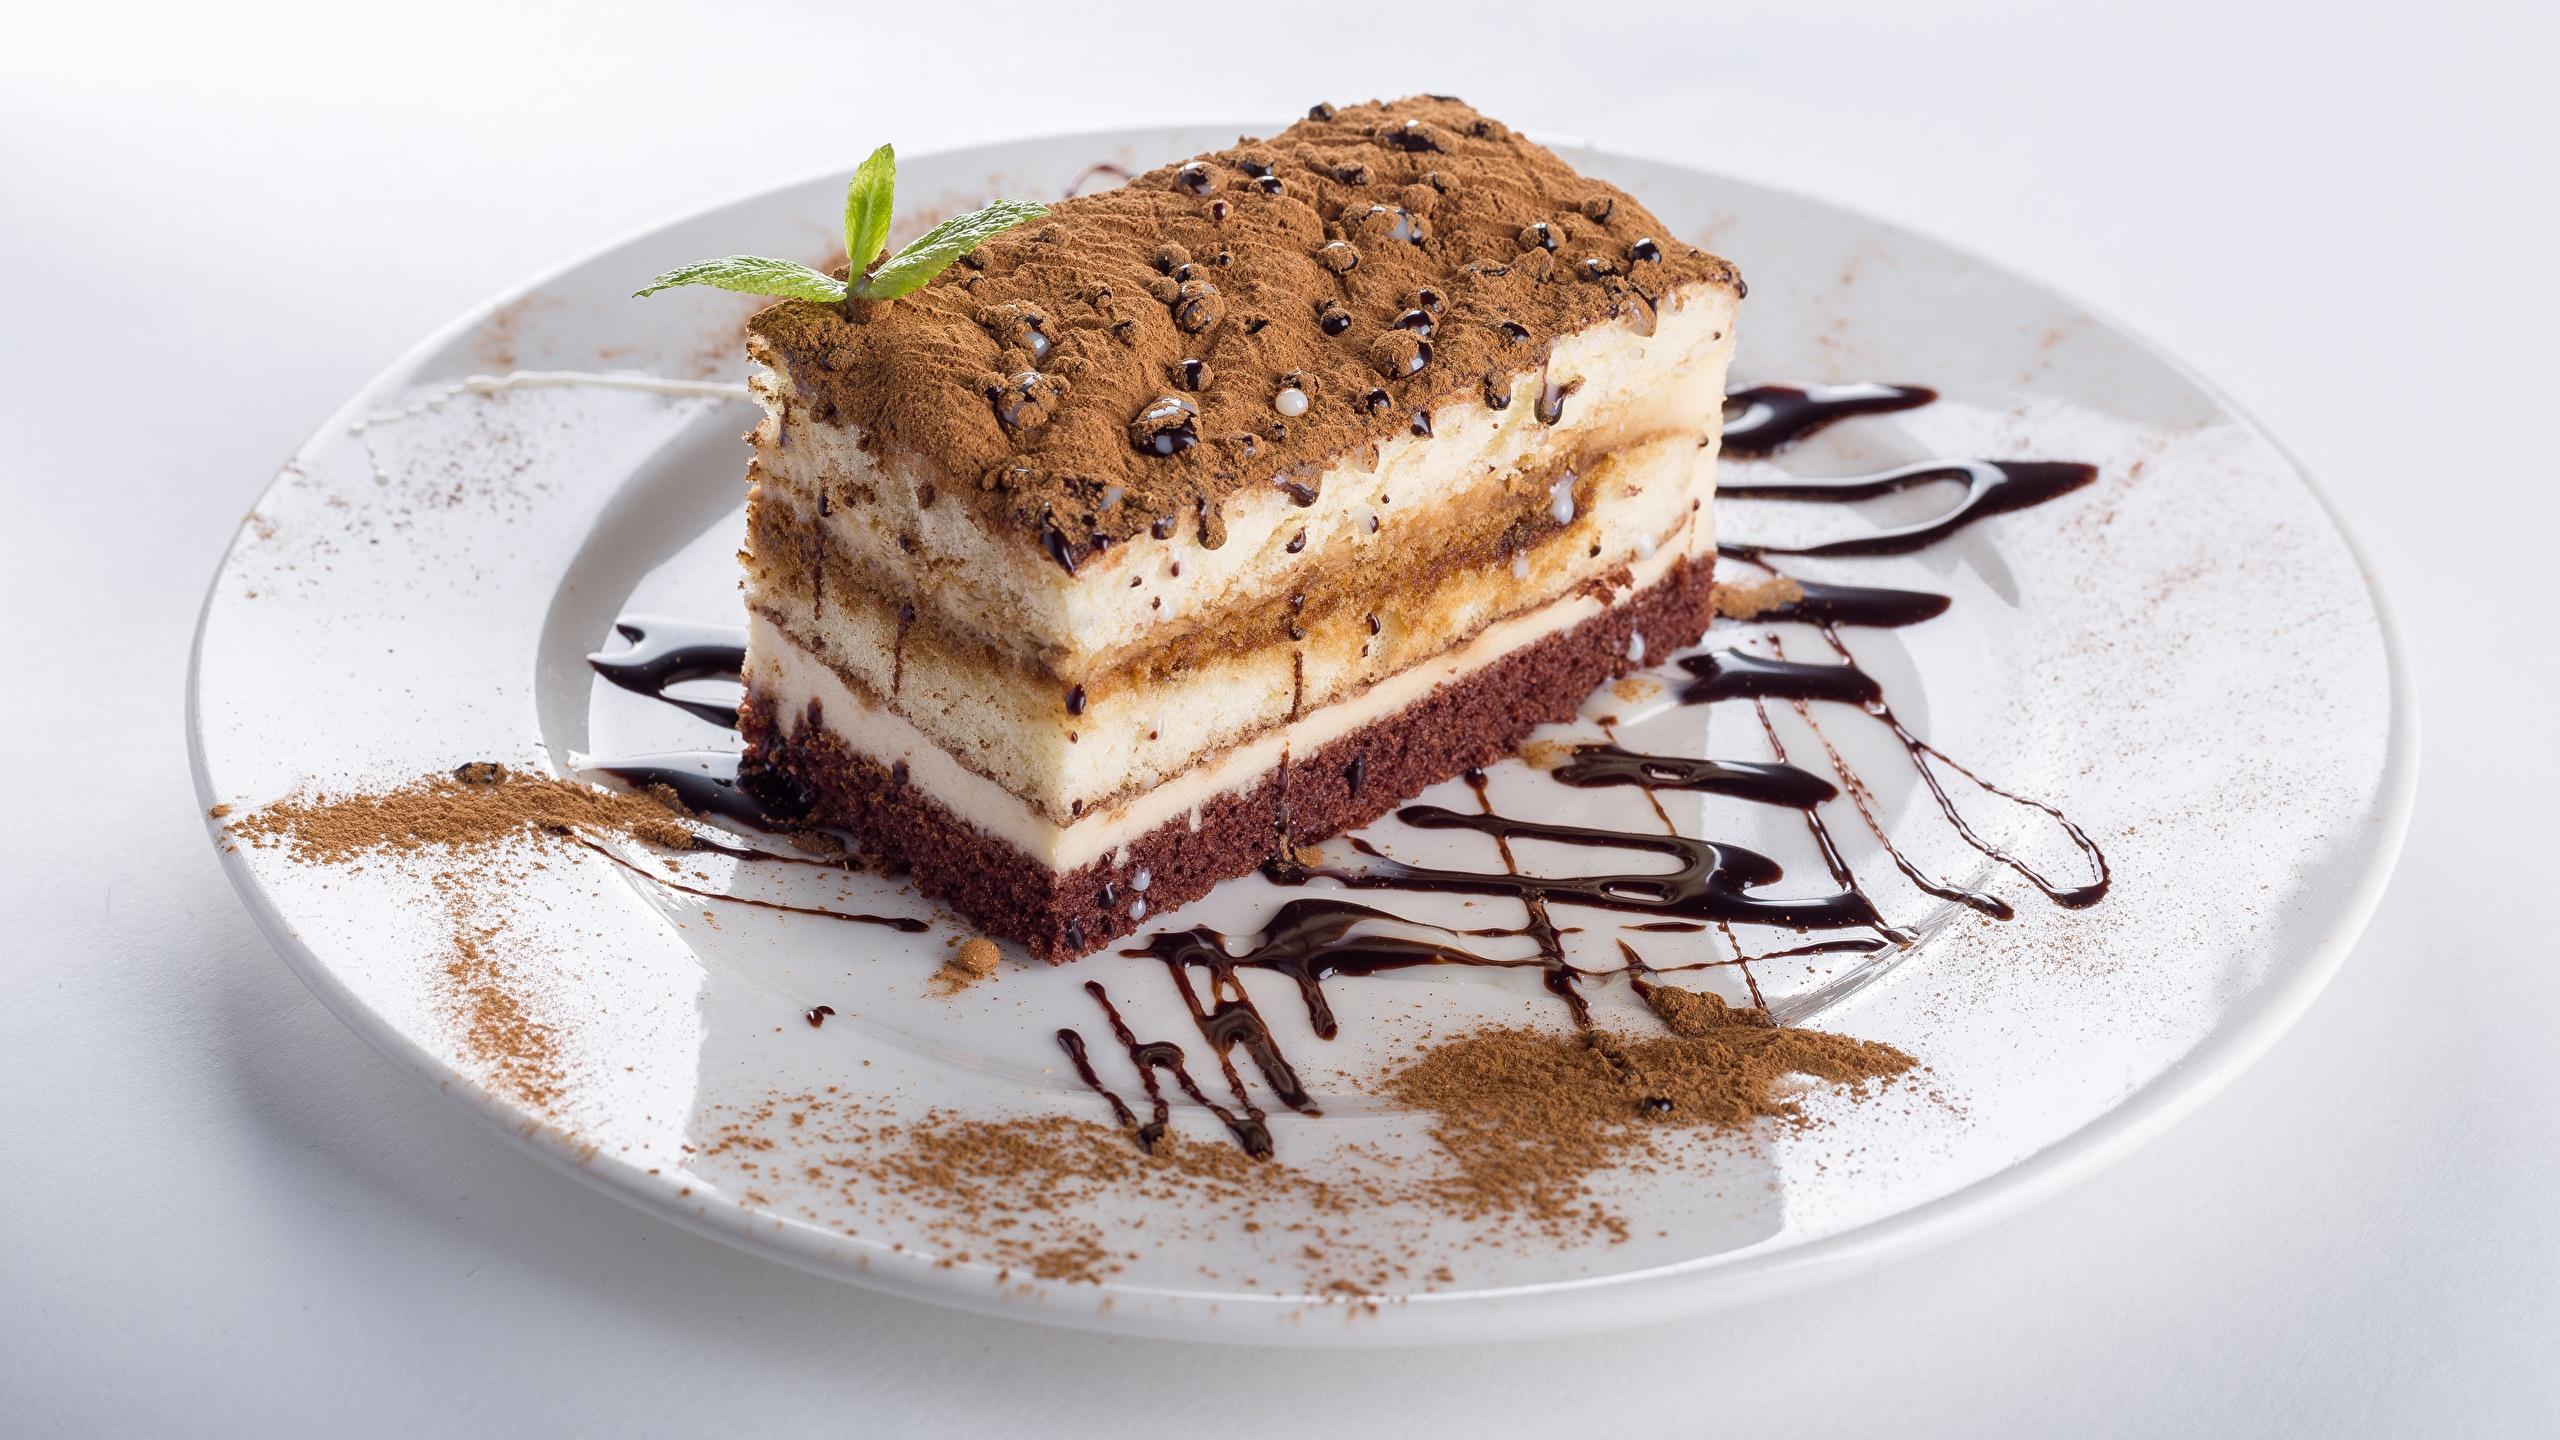 Фотографии Торты Какао порошок кусочек Еда Тарелка 2560x1440 часть Кусок кусочки Пища тарелке Продукты питания